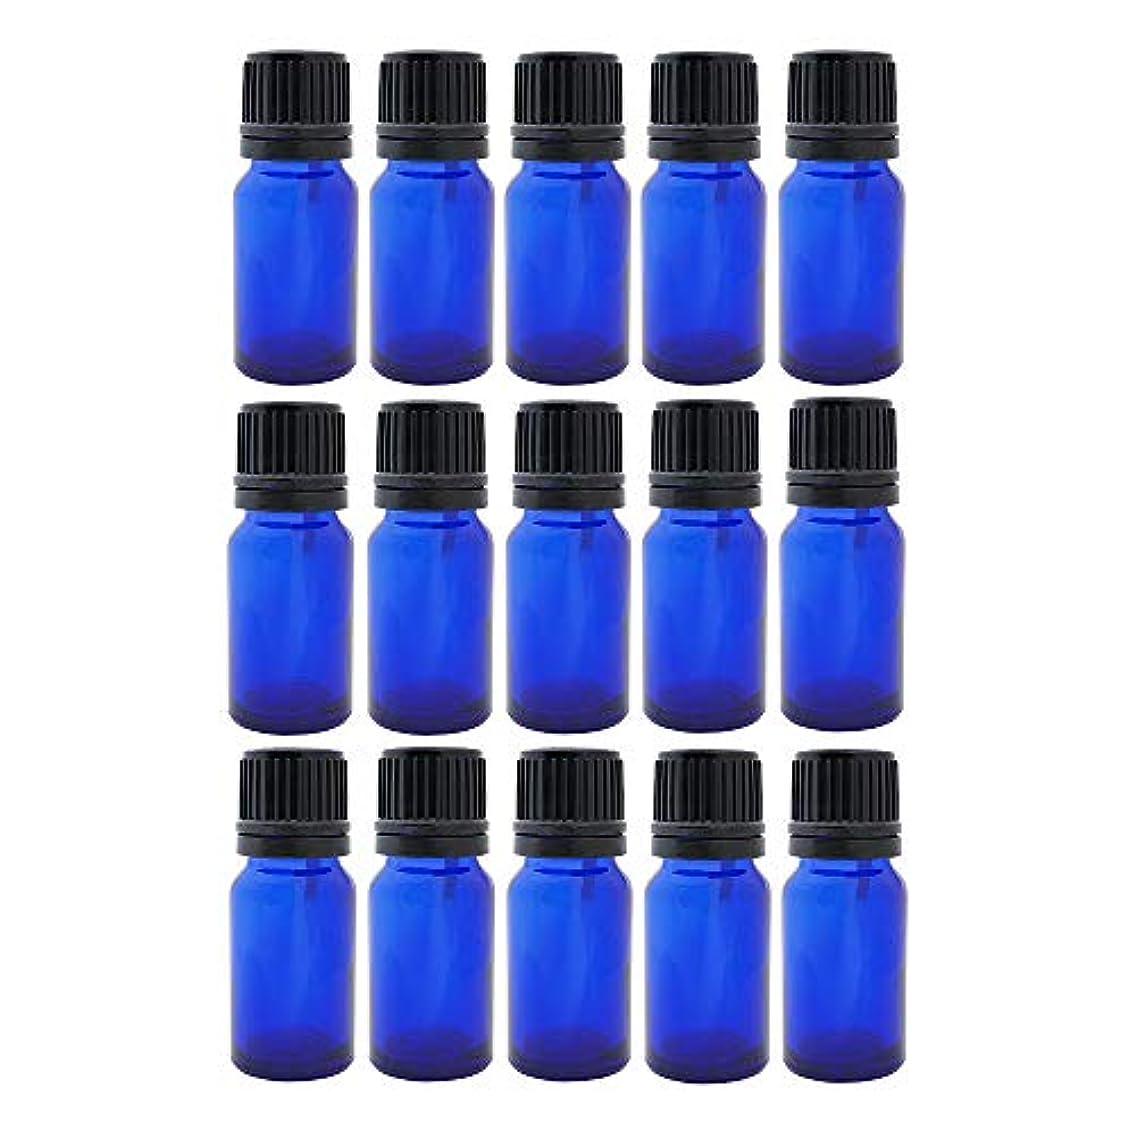 予言する類推起きて遮光ビン 10ml 瓶 15本セット ブルー(ドロッパー キャップ付)